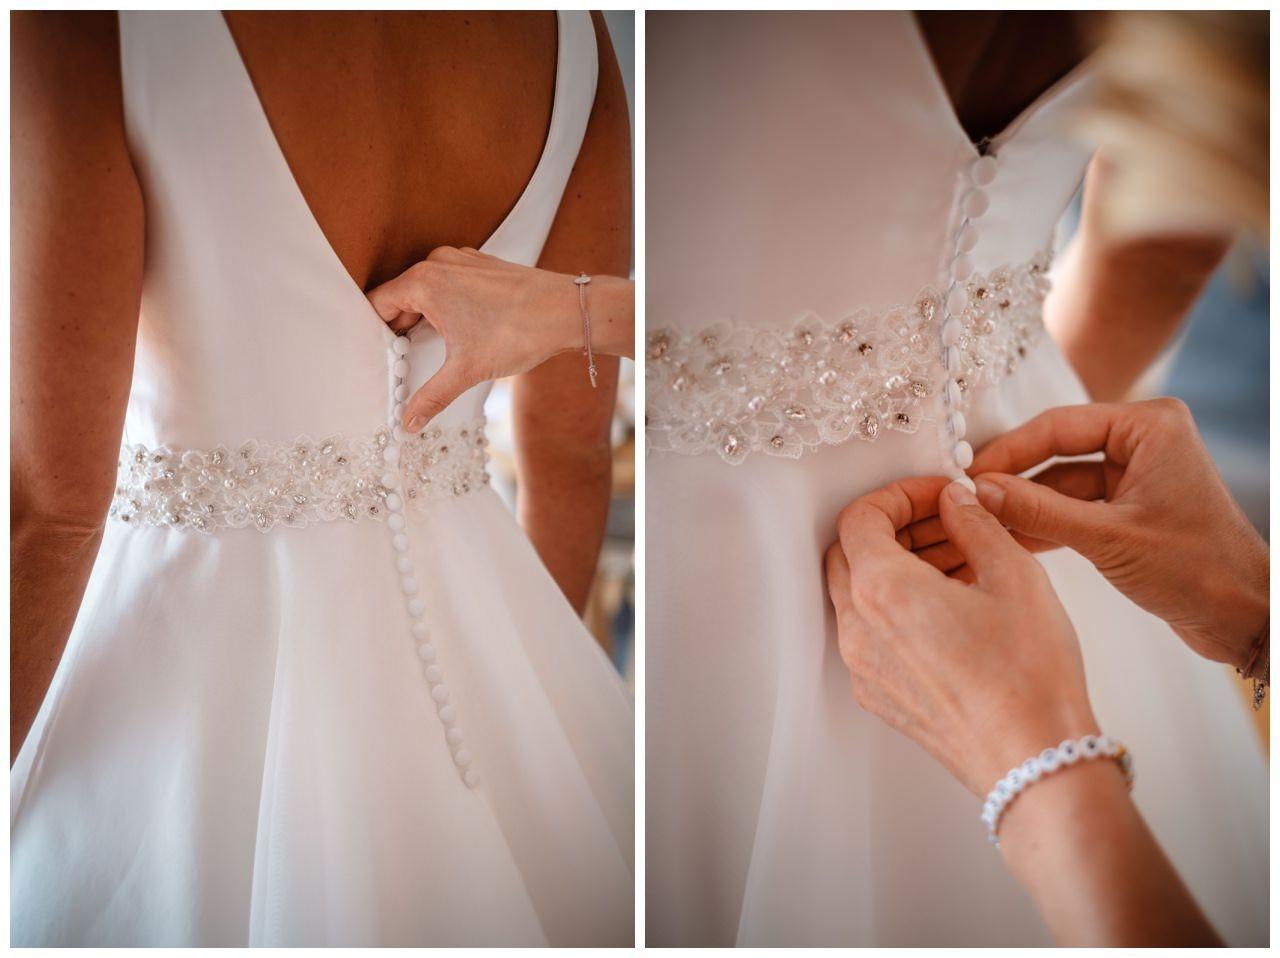 Hochzeit Seeblick Haltern Fotograf Heiraten Elegant  16 - Hochzeit im Seeblick in Haltern